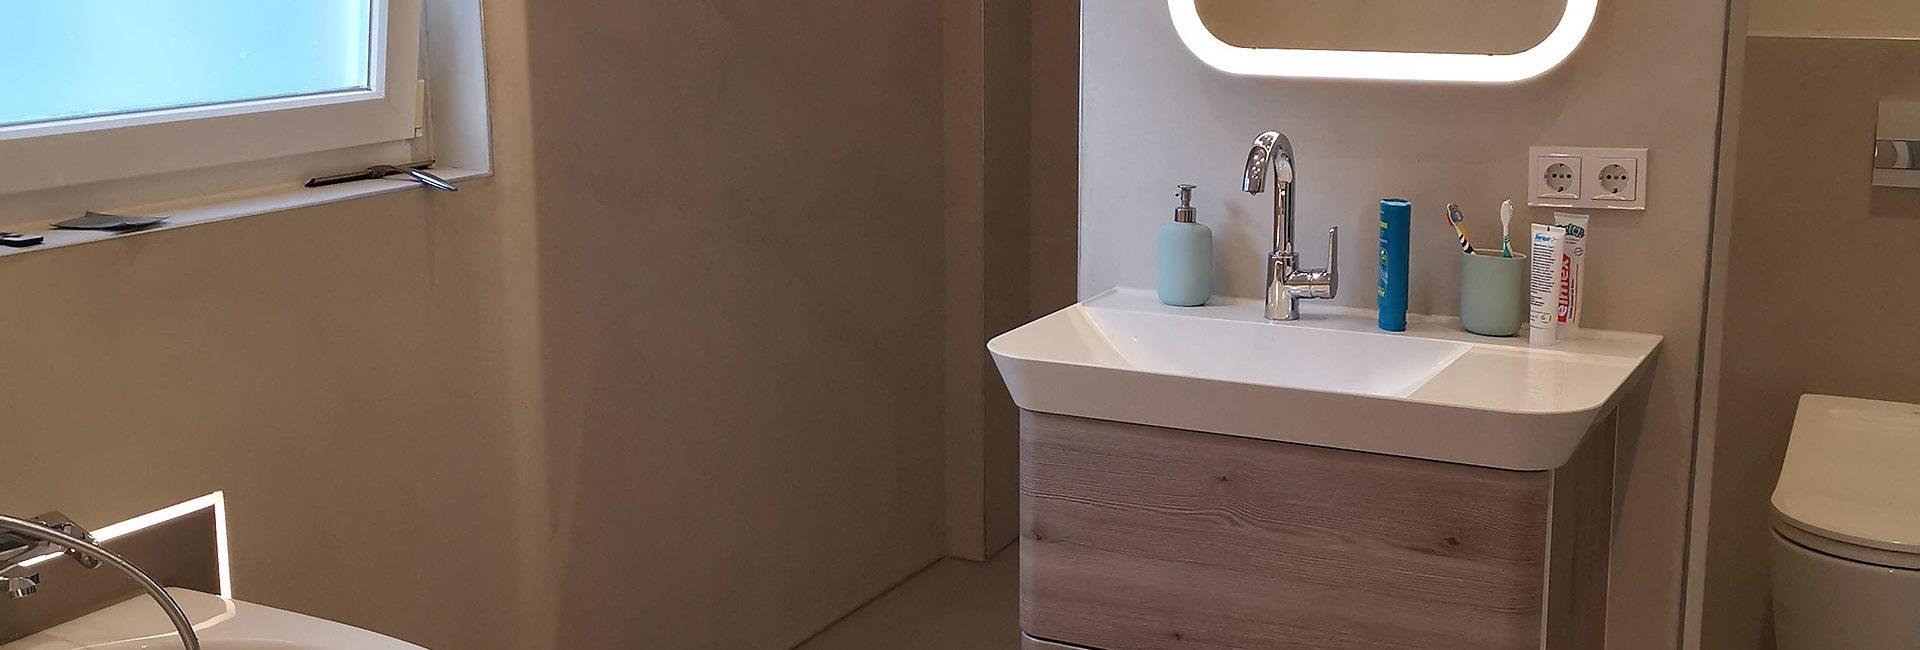 Fugenloses Bad Spachteltechnik Hamburg Badezimmer Dusche Boden Malente 01